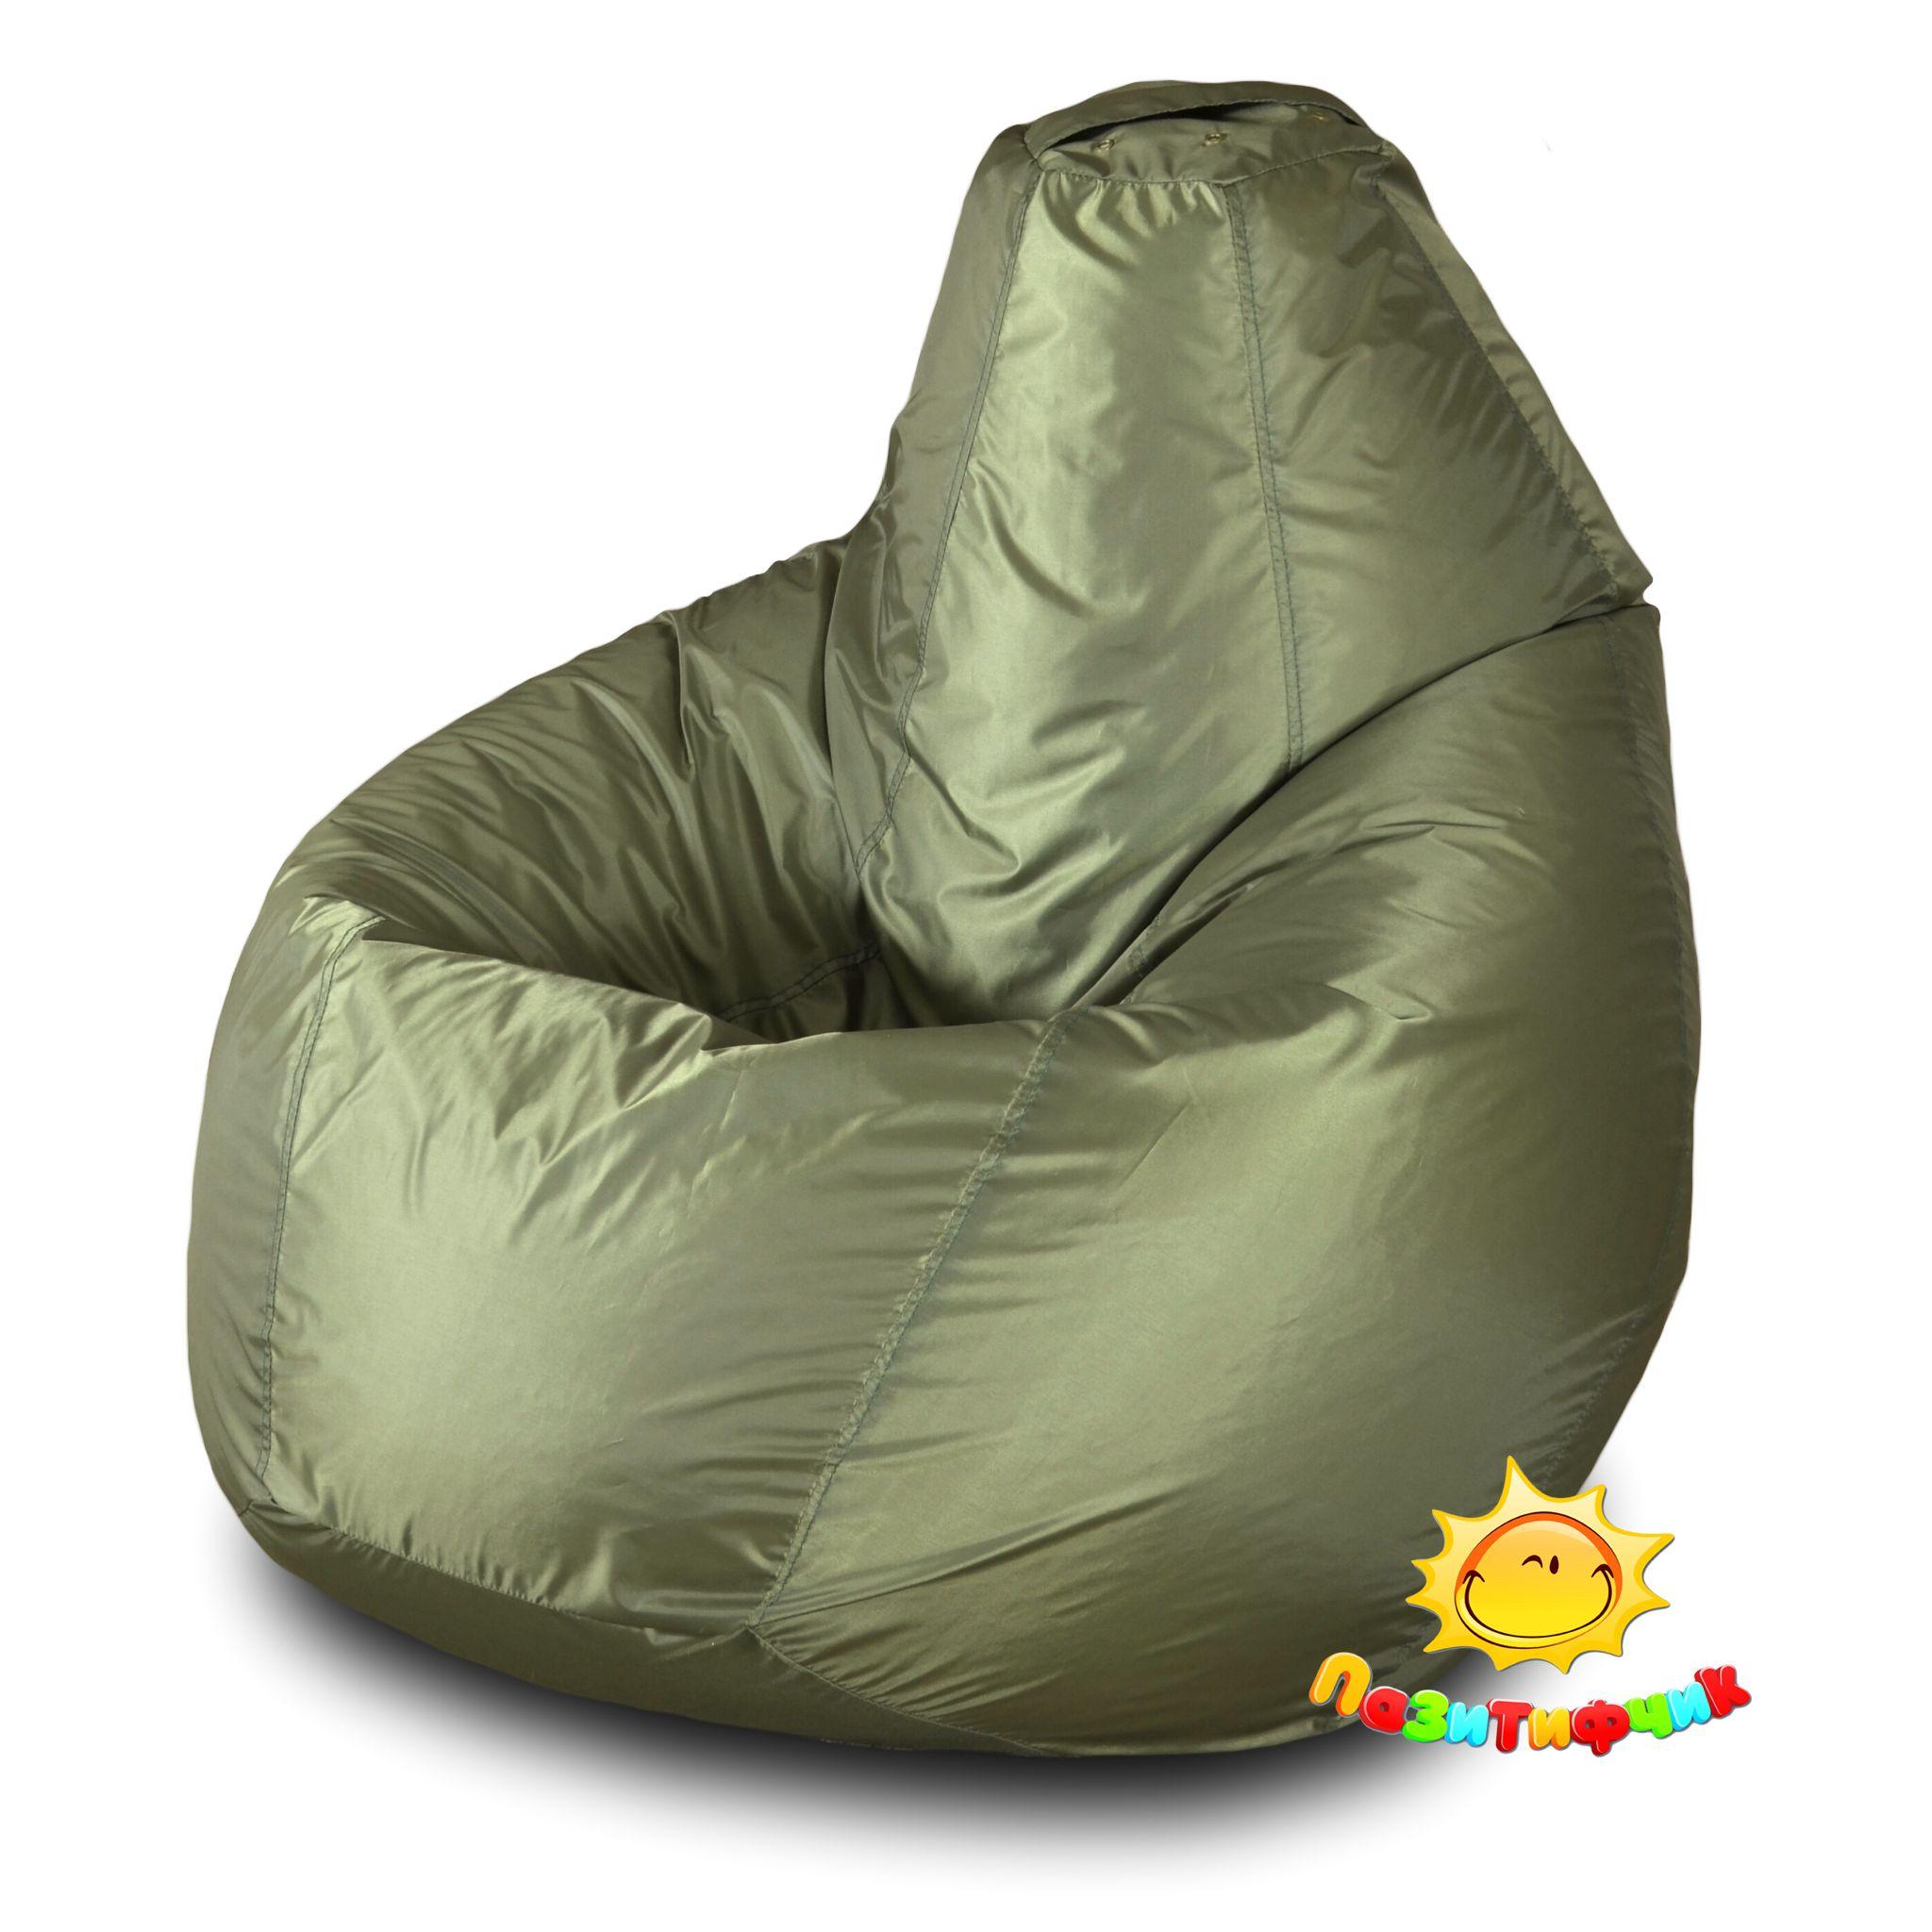 Кресло-мешок Pazitif Груша Пазитифчик, размер XL, оксфорд, хаки